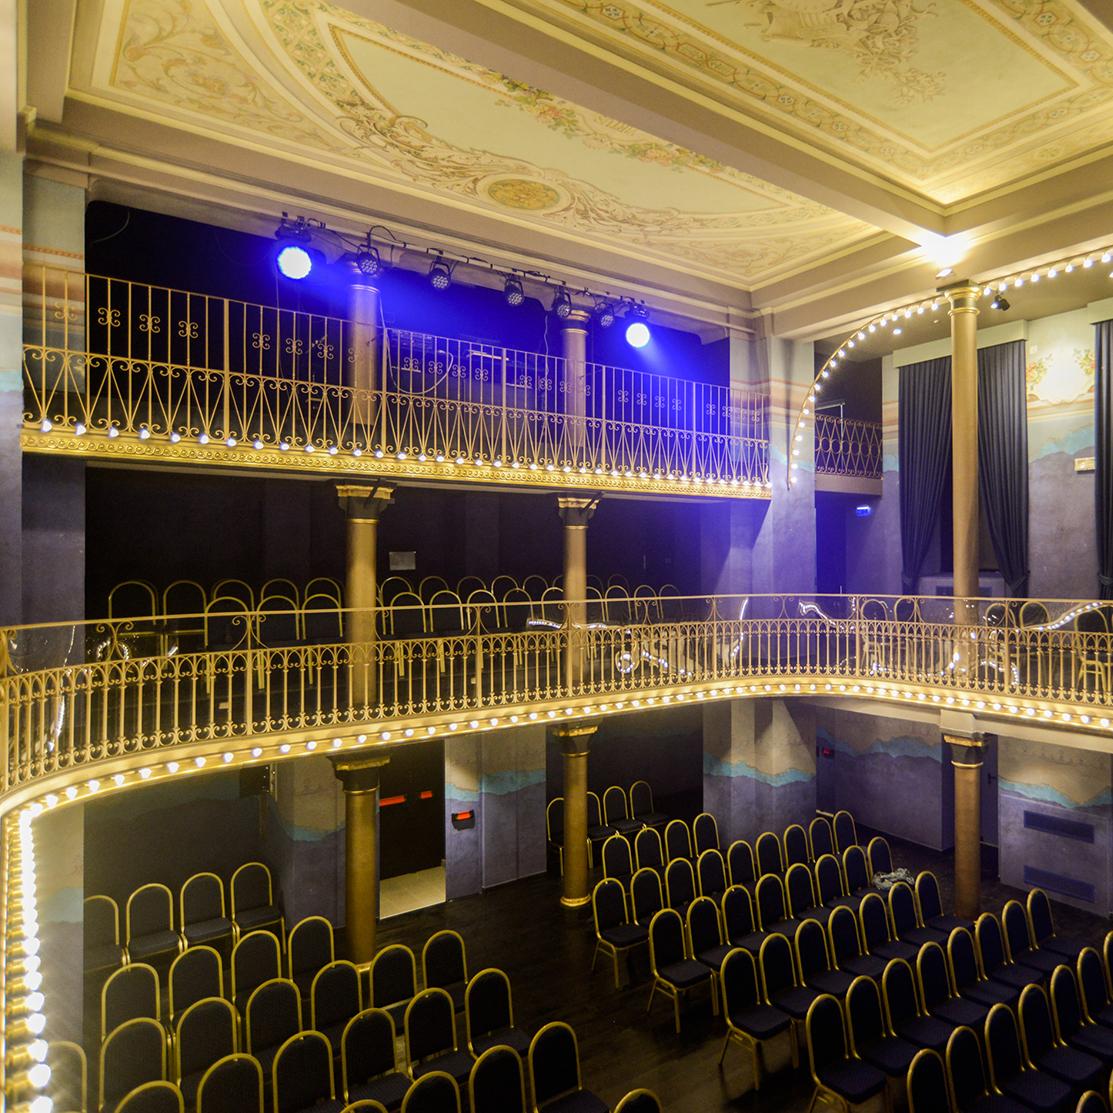 Teatro 'Le Musichall' lancia l'#LaCulturaNonTiAbbandona